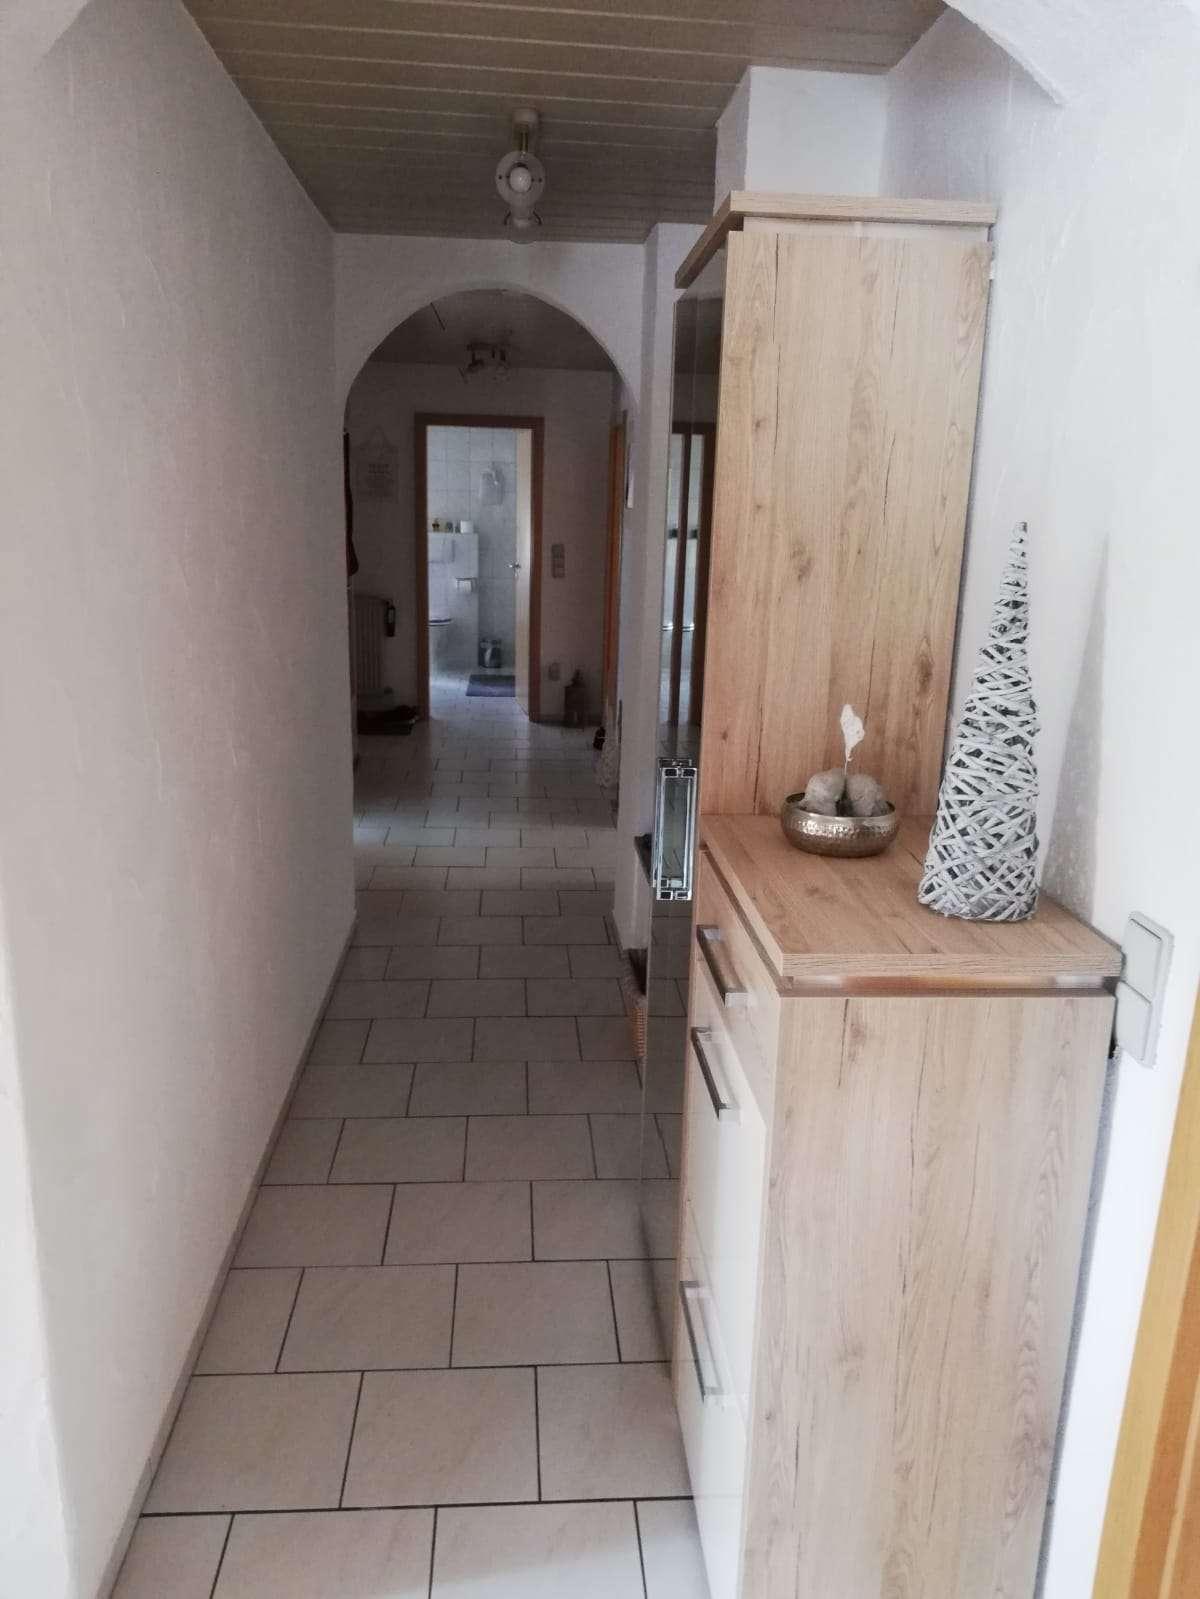 Günstige, neuwertige 6-Zimmer-Dachgeschosswohnung mit Balkon und Einbauküche in Collenberg in